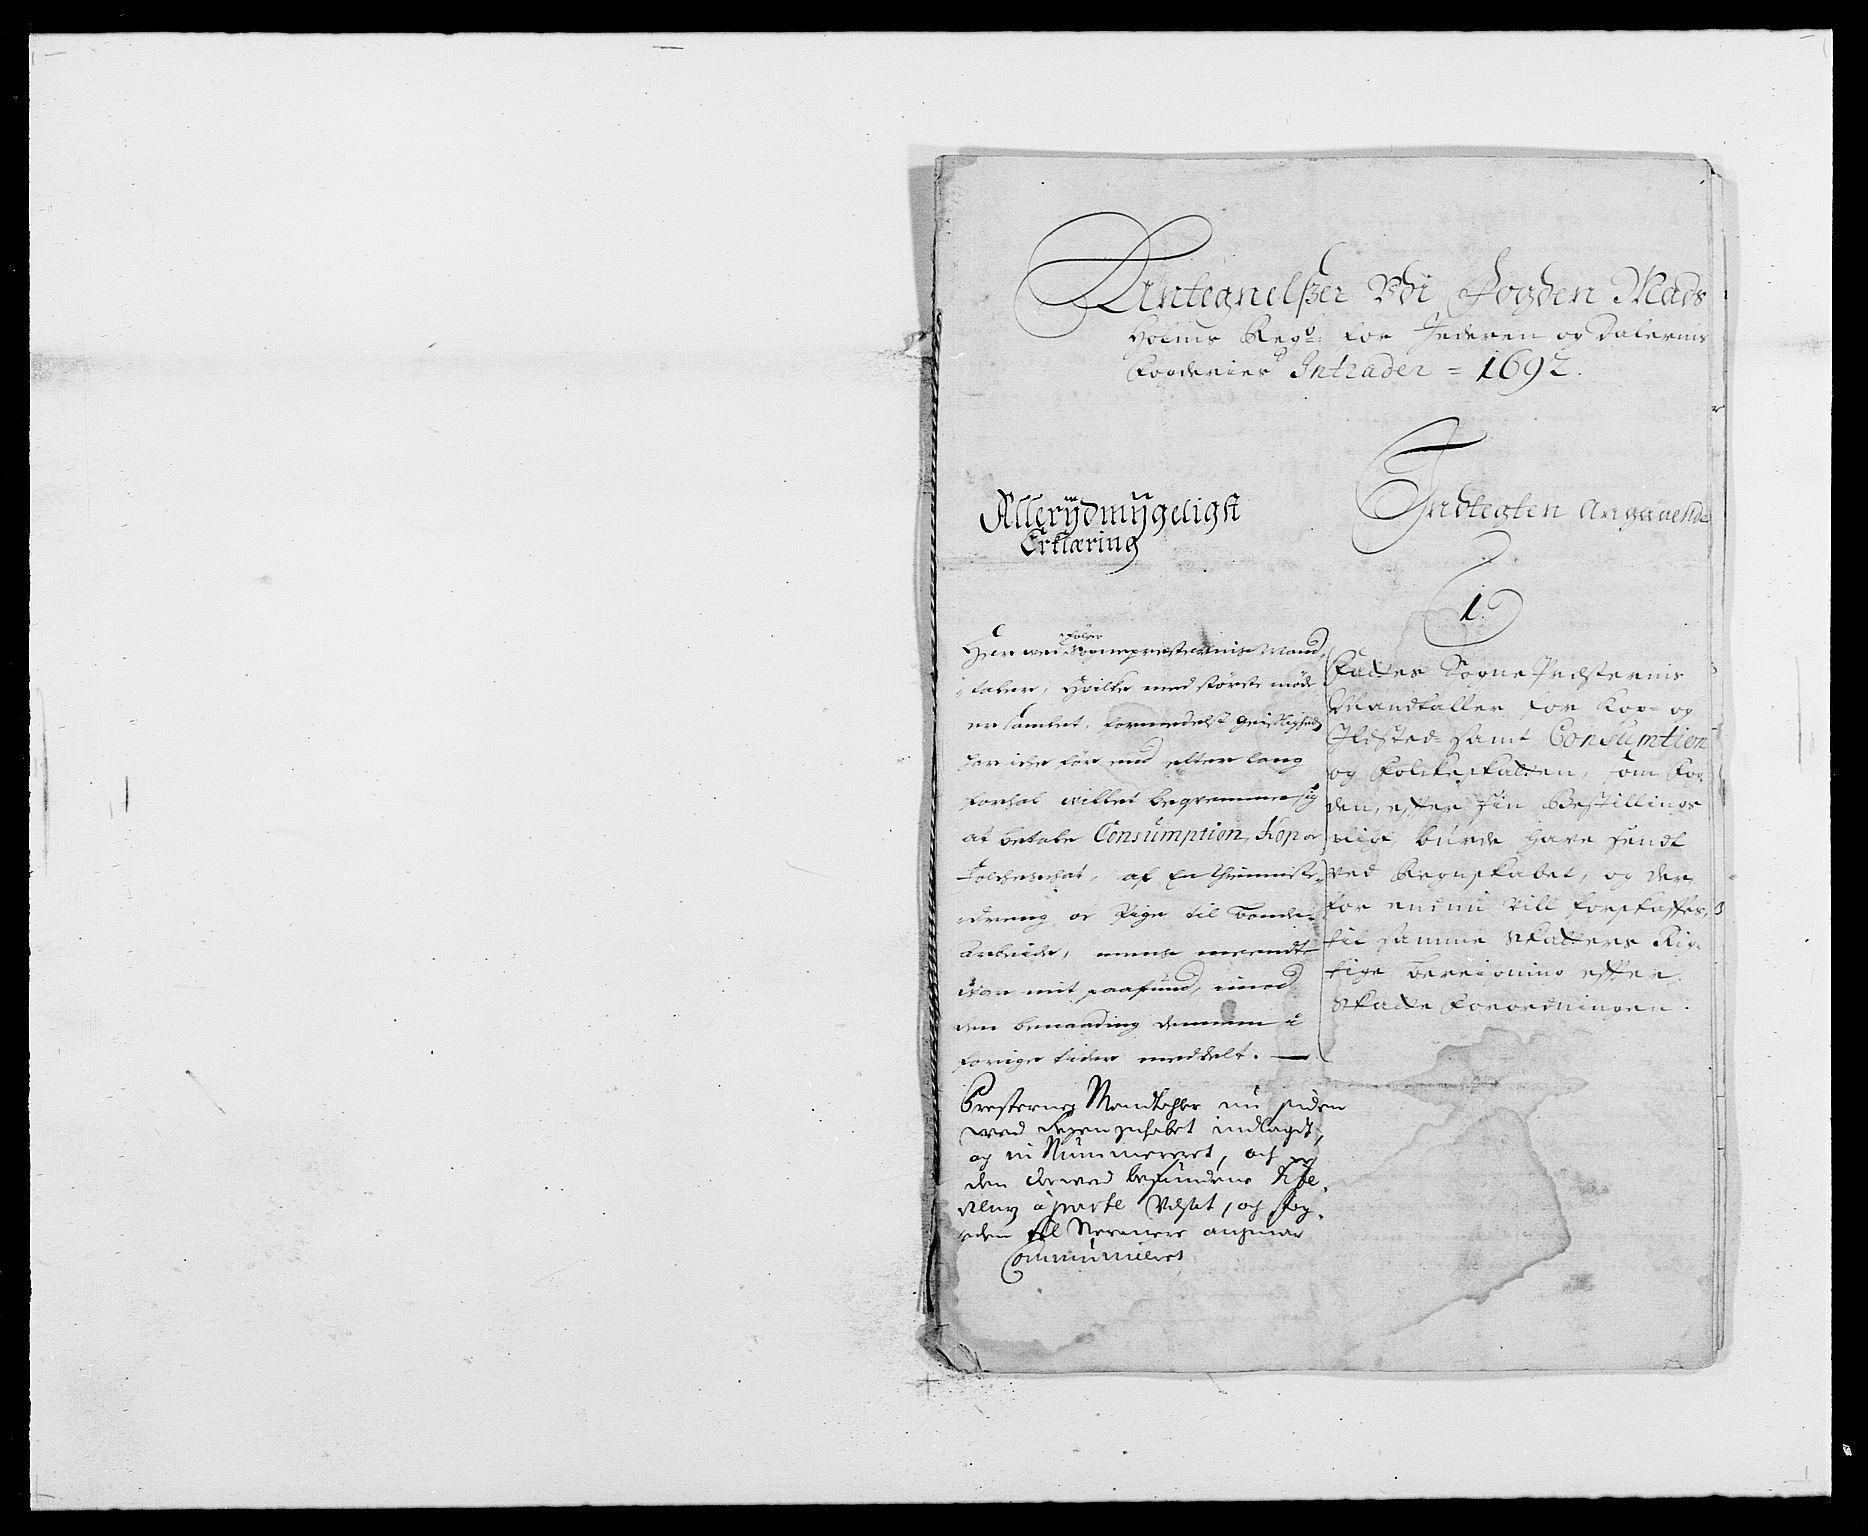 RA, Rentekammeret inntil 1814, Reviderte regnskaper, Fogderegnskap, R46/L2727: Fogderegnskap Jæren og Dalane, 1690-1693, s. 225